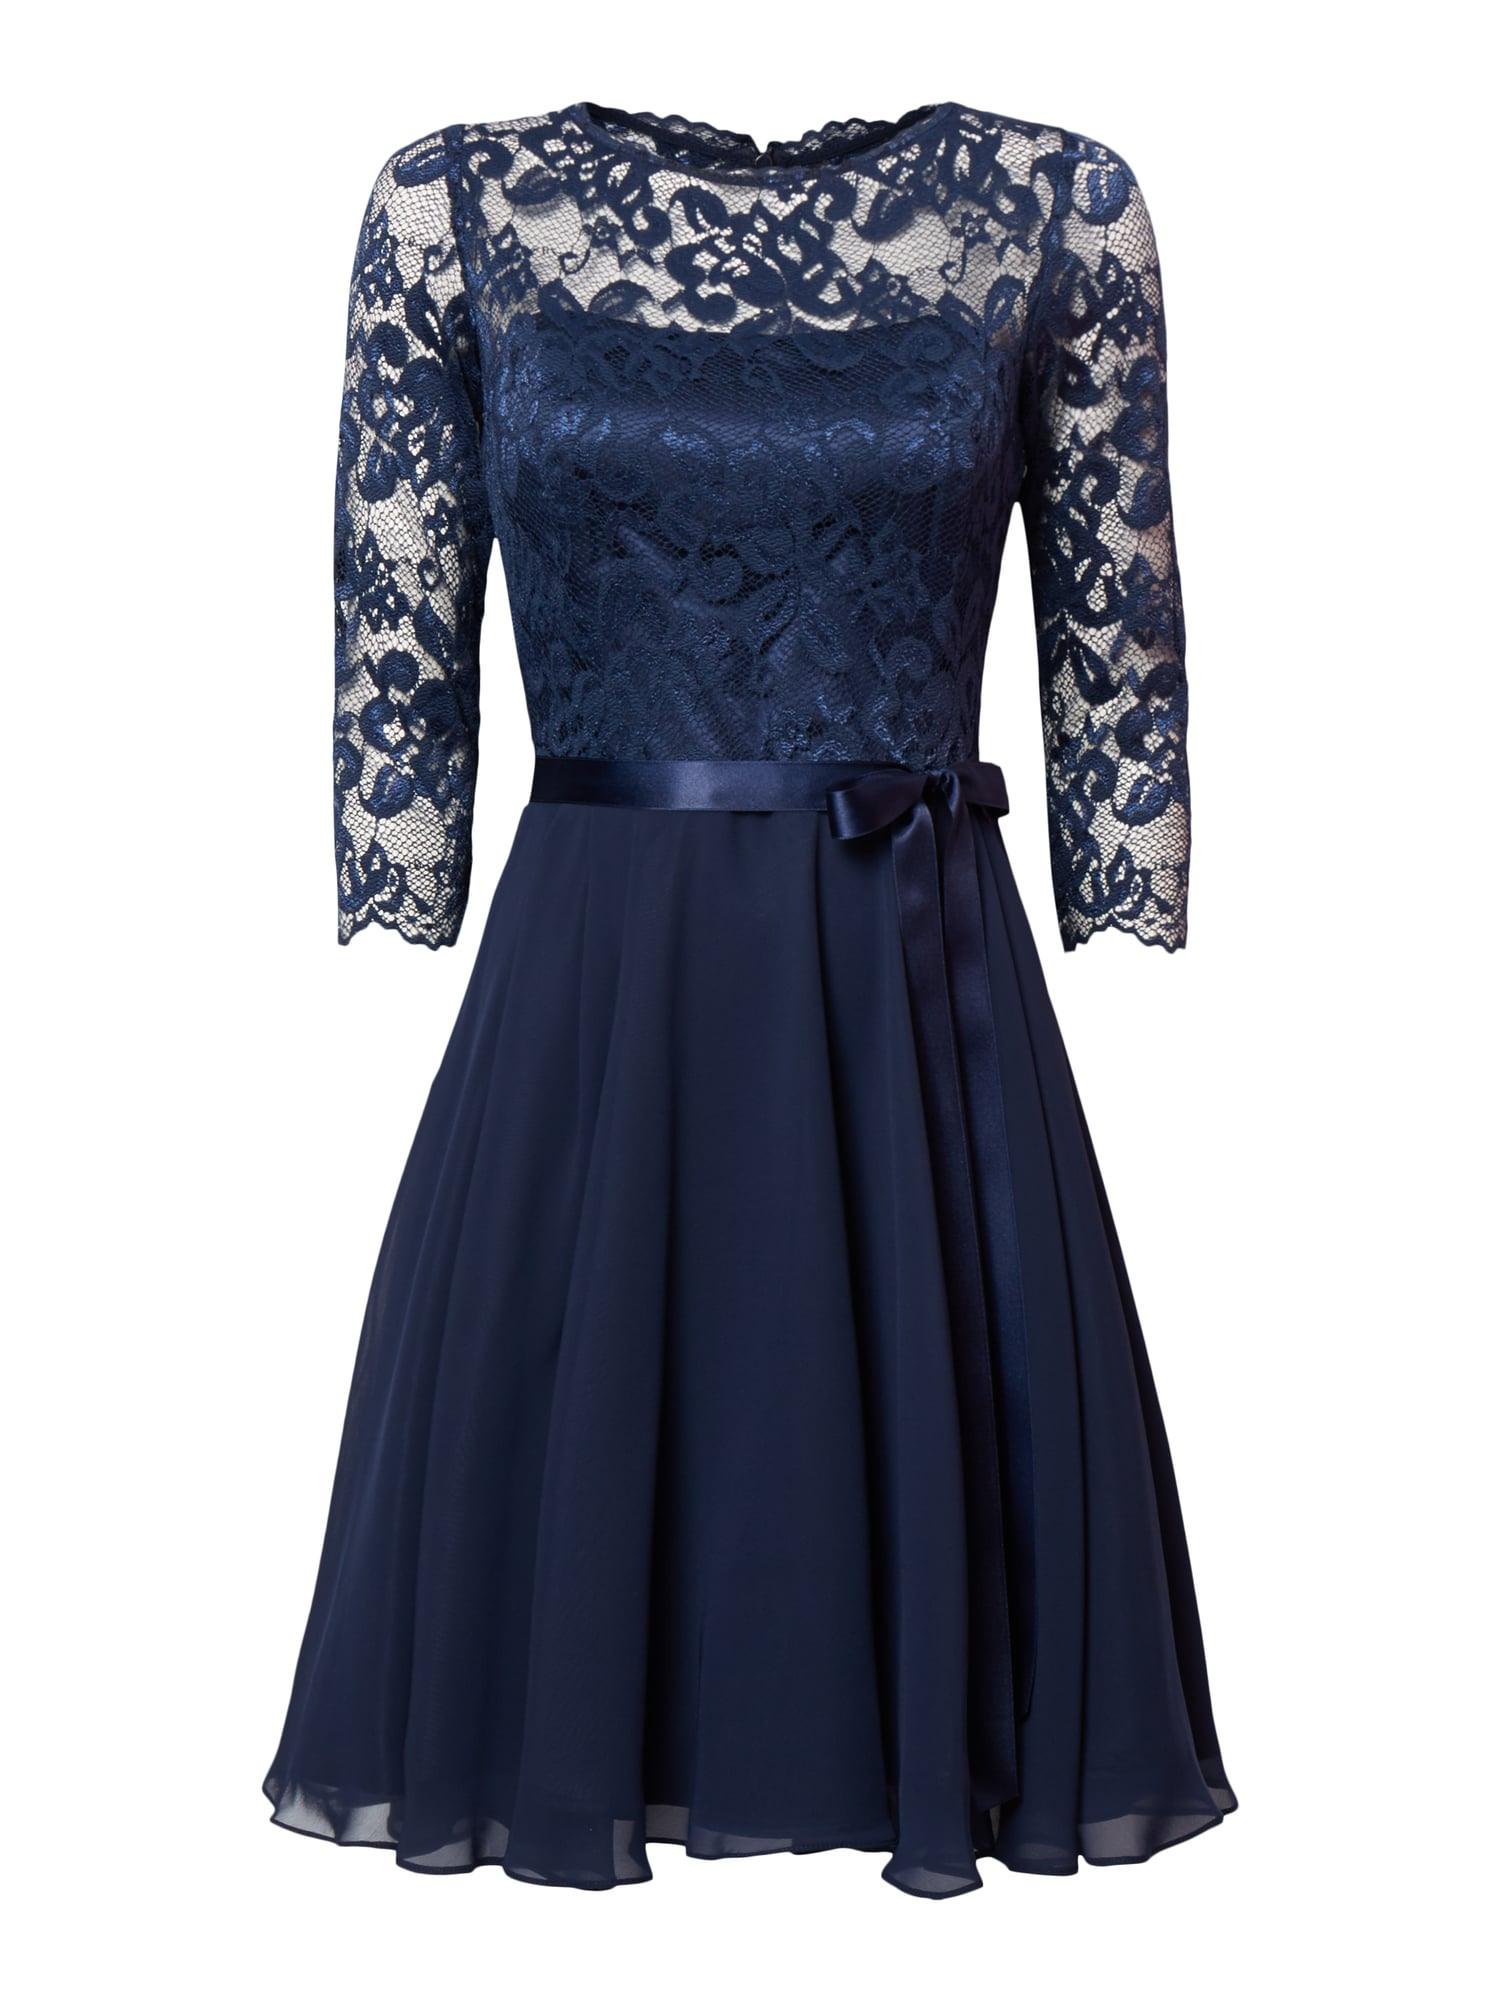 10 Genial Kleid Mit Spitzenärmeln Ärmel20 Erstaunlich Kleid Mit Spitzenärmeln Galerie